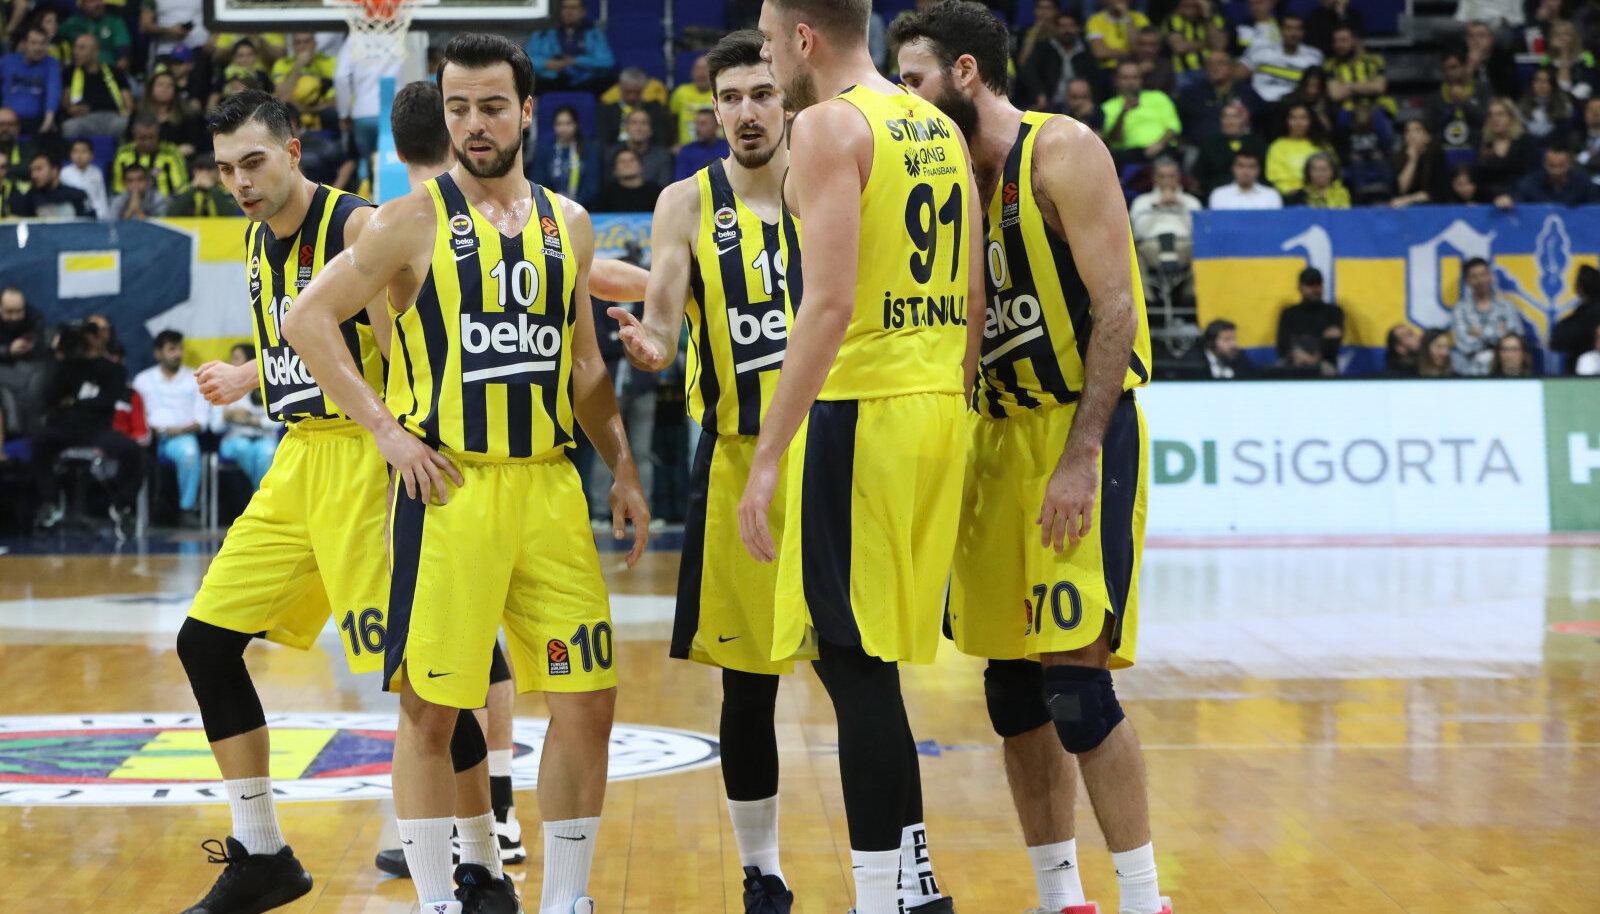 Istanbuli Fenerbahce mängumehed